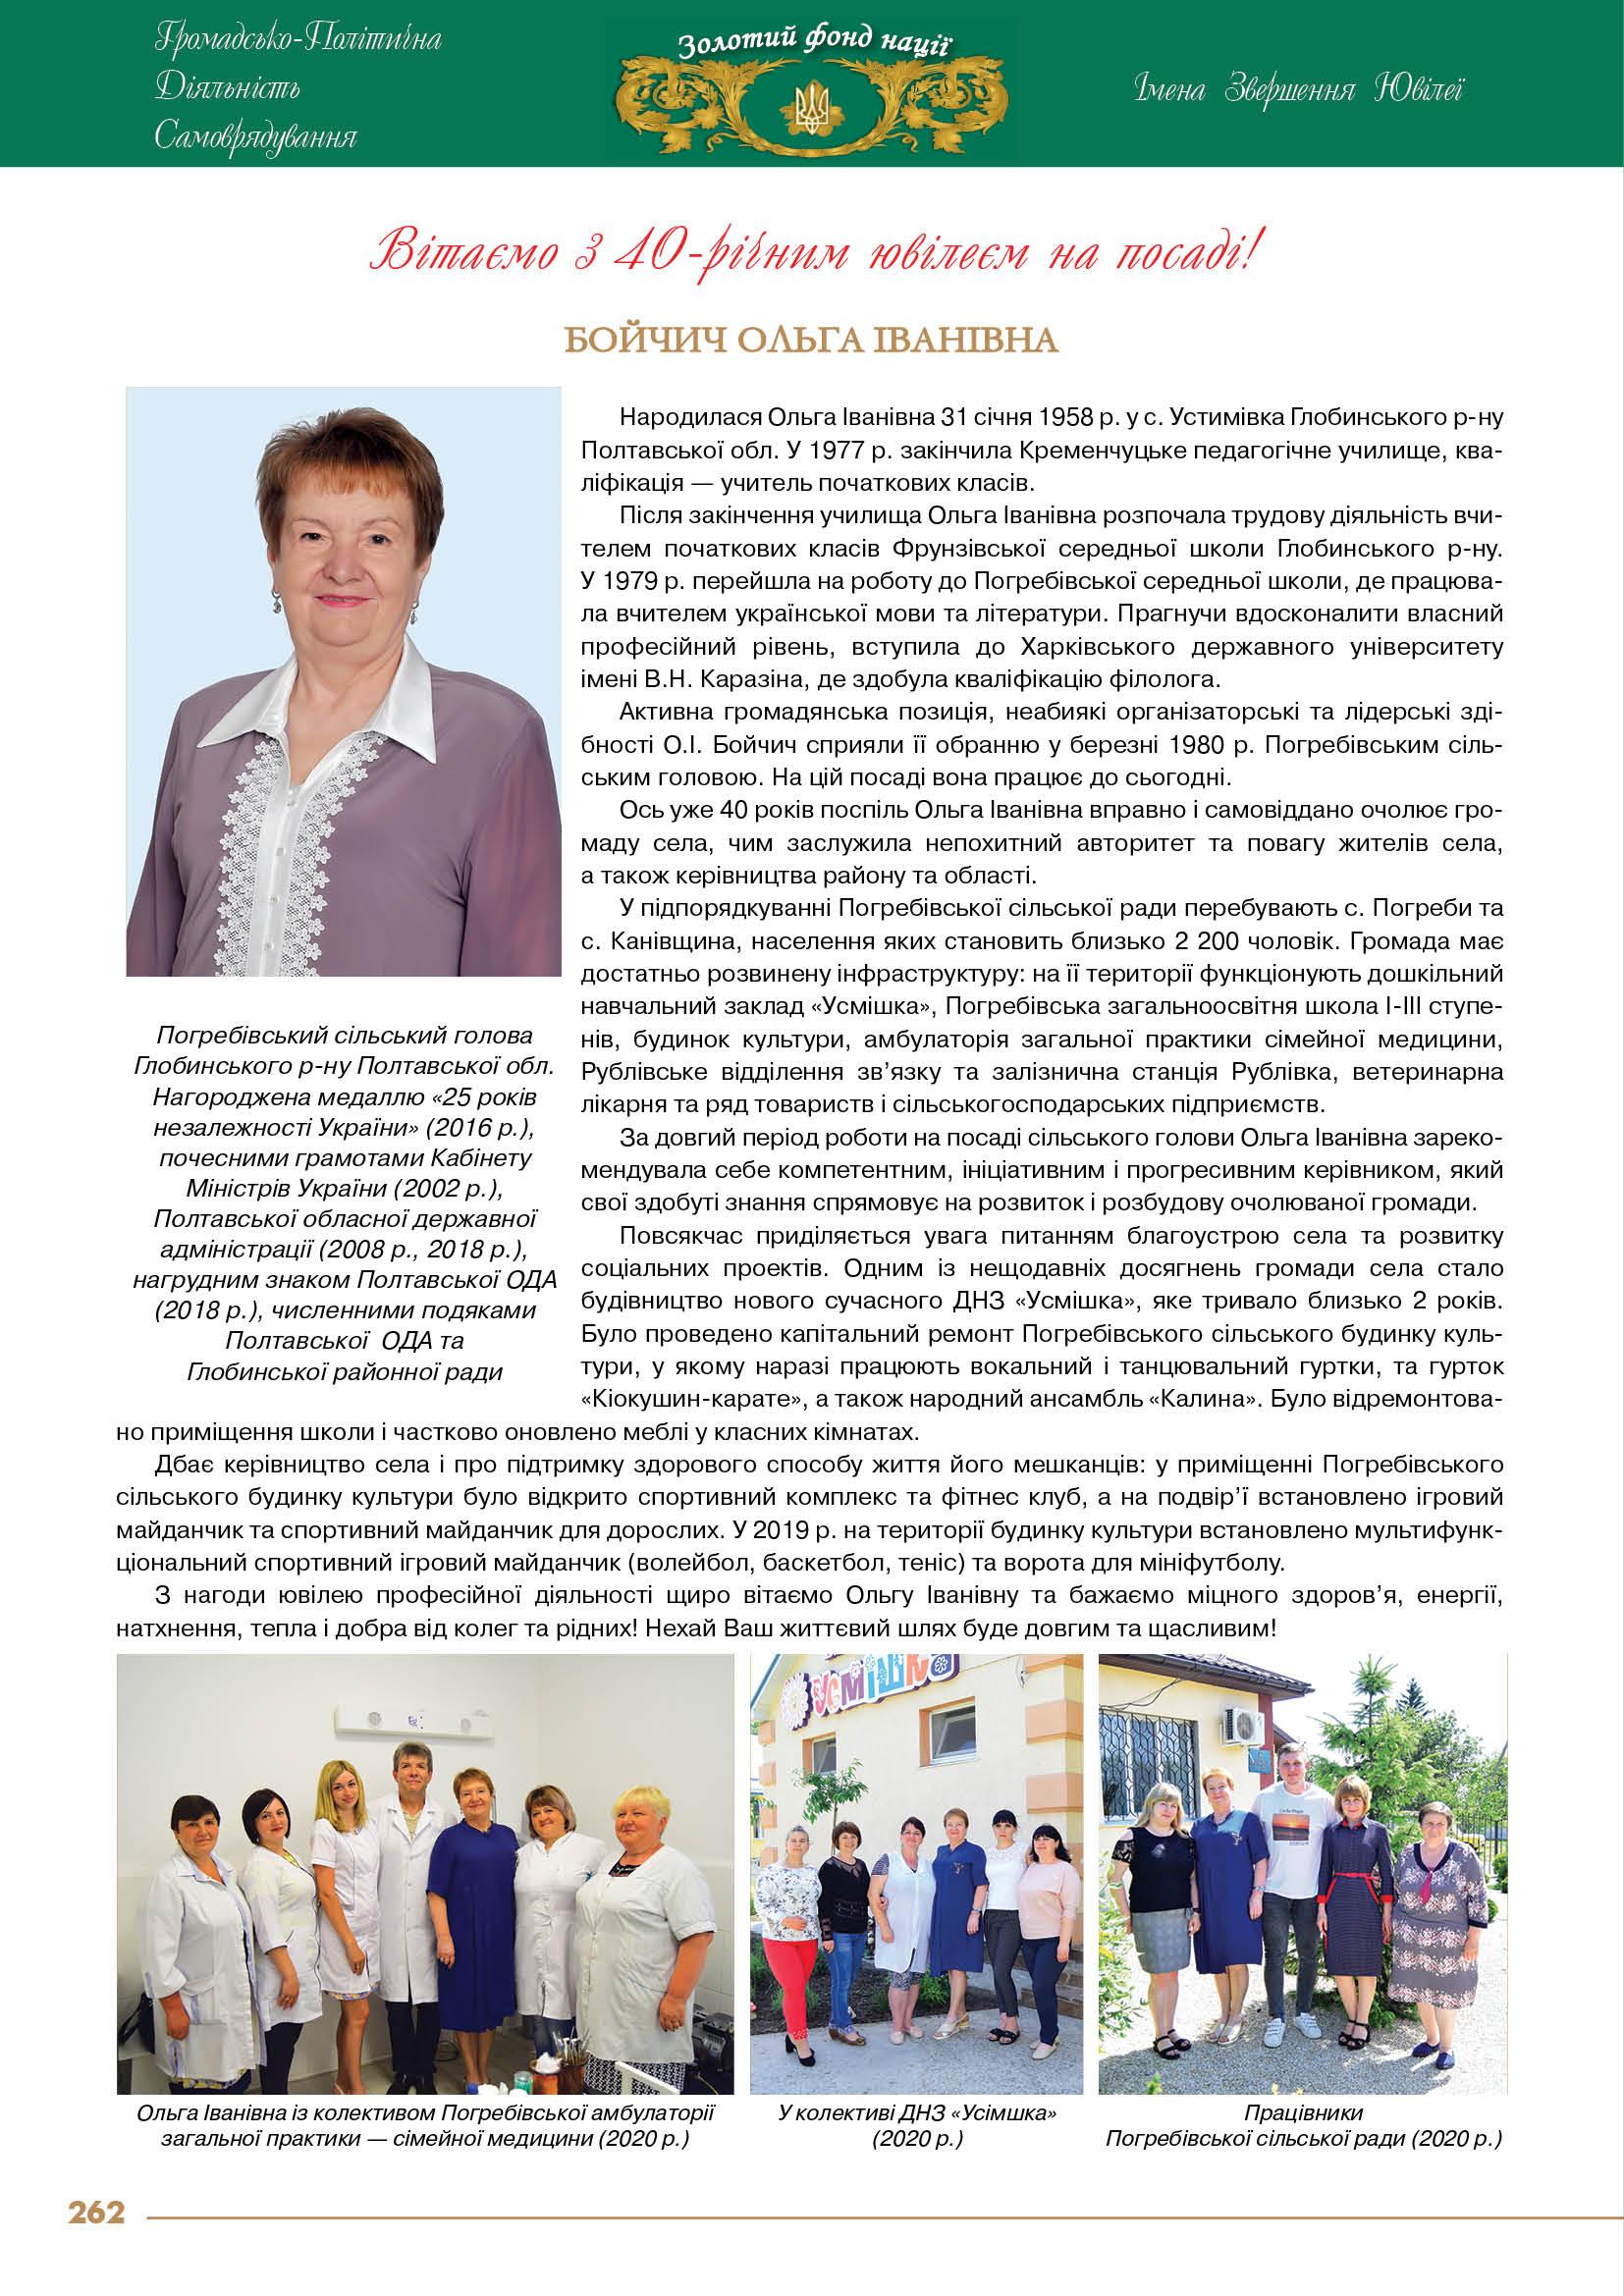 Бойчич Ольга Іванівна